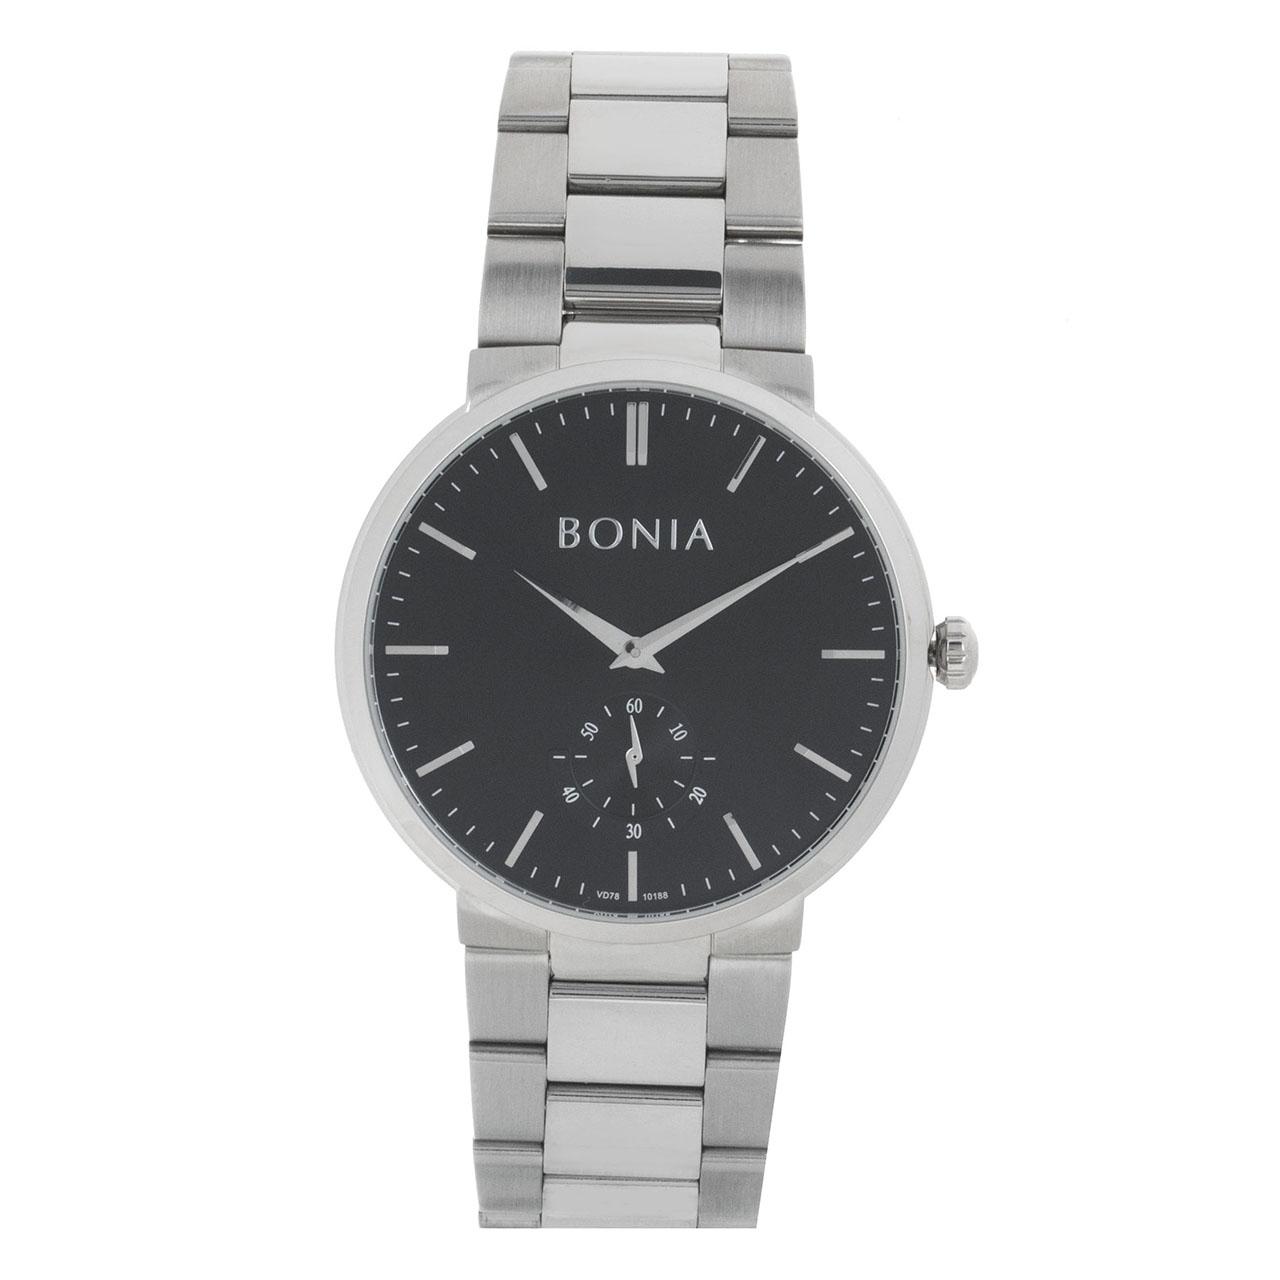 ساعت مچی عقربه ای مردانه بونیا مدل BNB10207-2312S